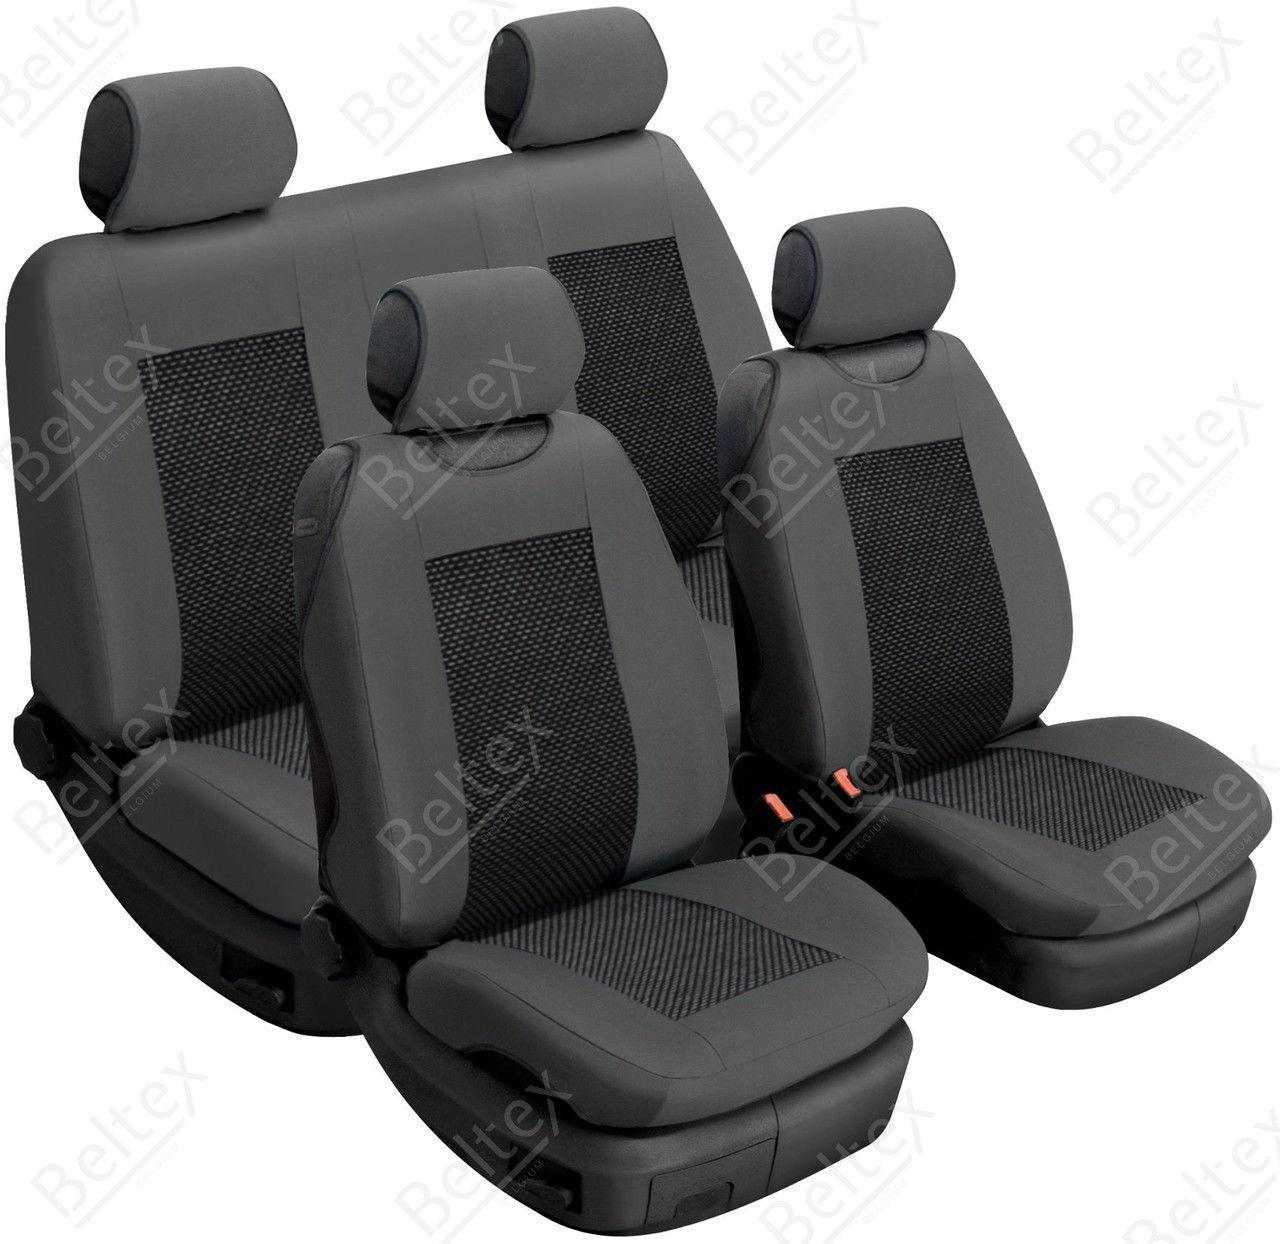 Майки/чехлы на сиденья БМВ Е65 (BMW E65)